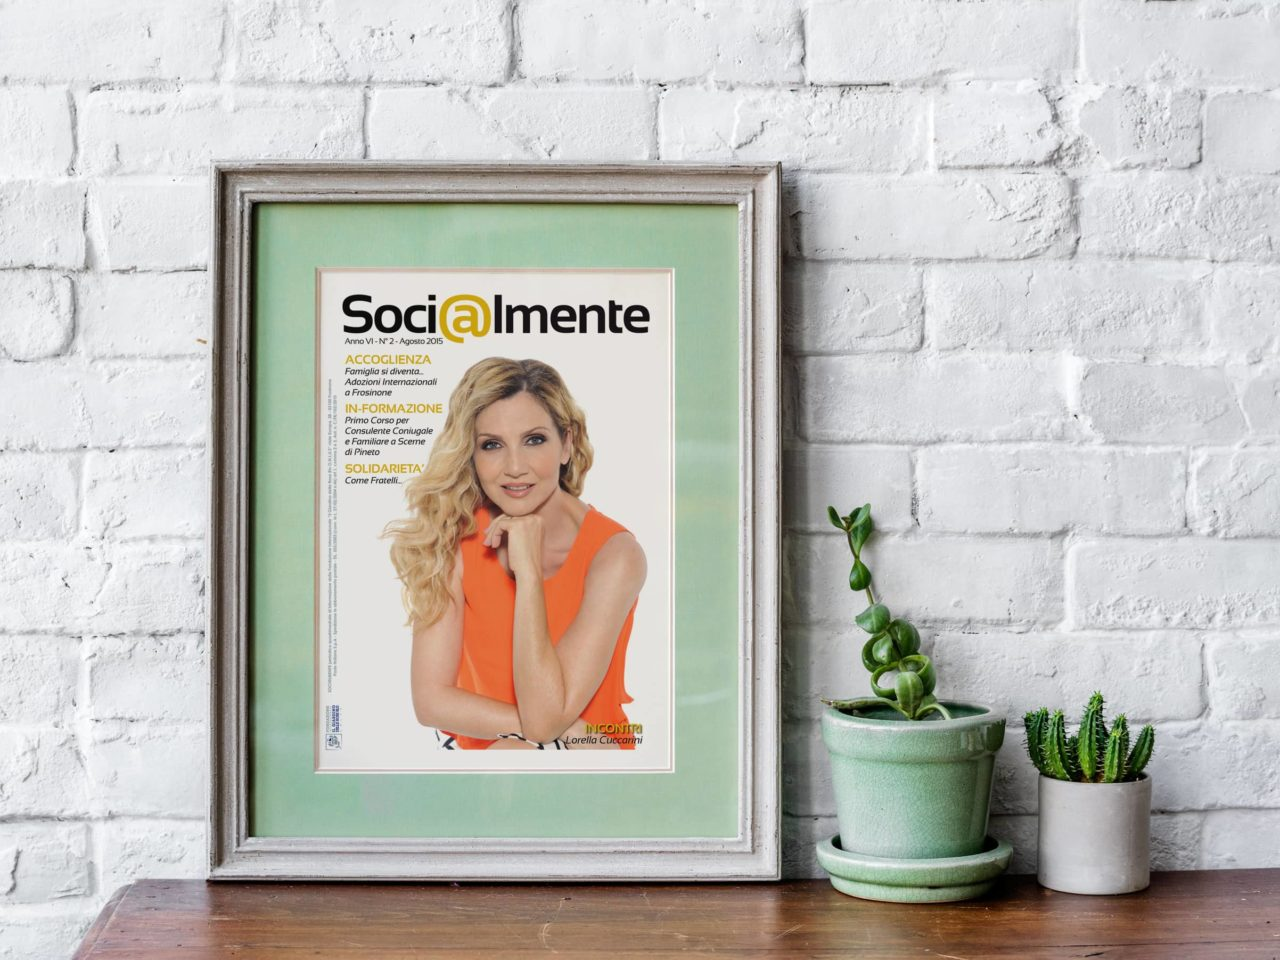 Socialmente_magazine-mockup1